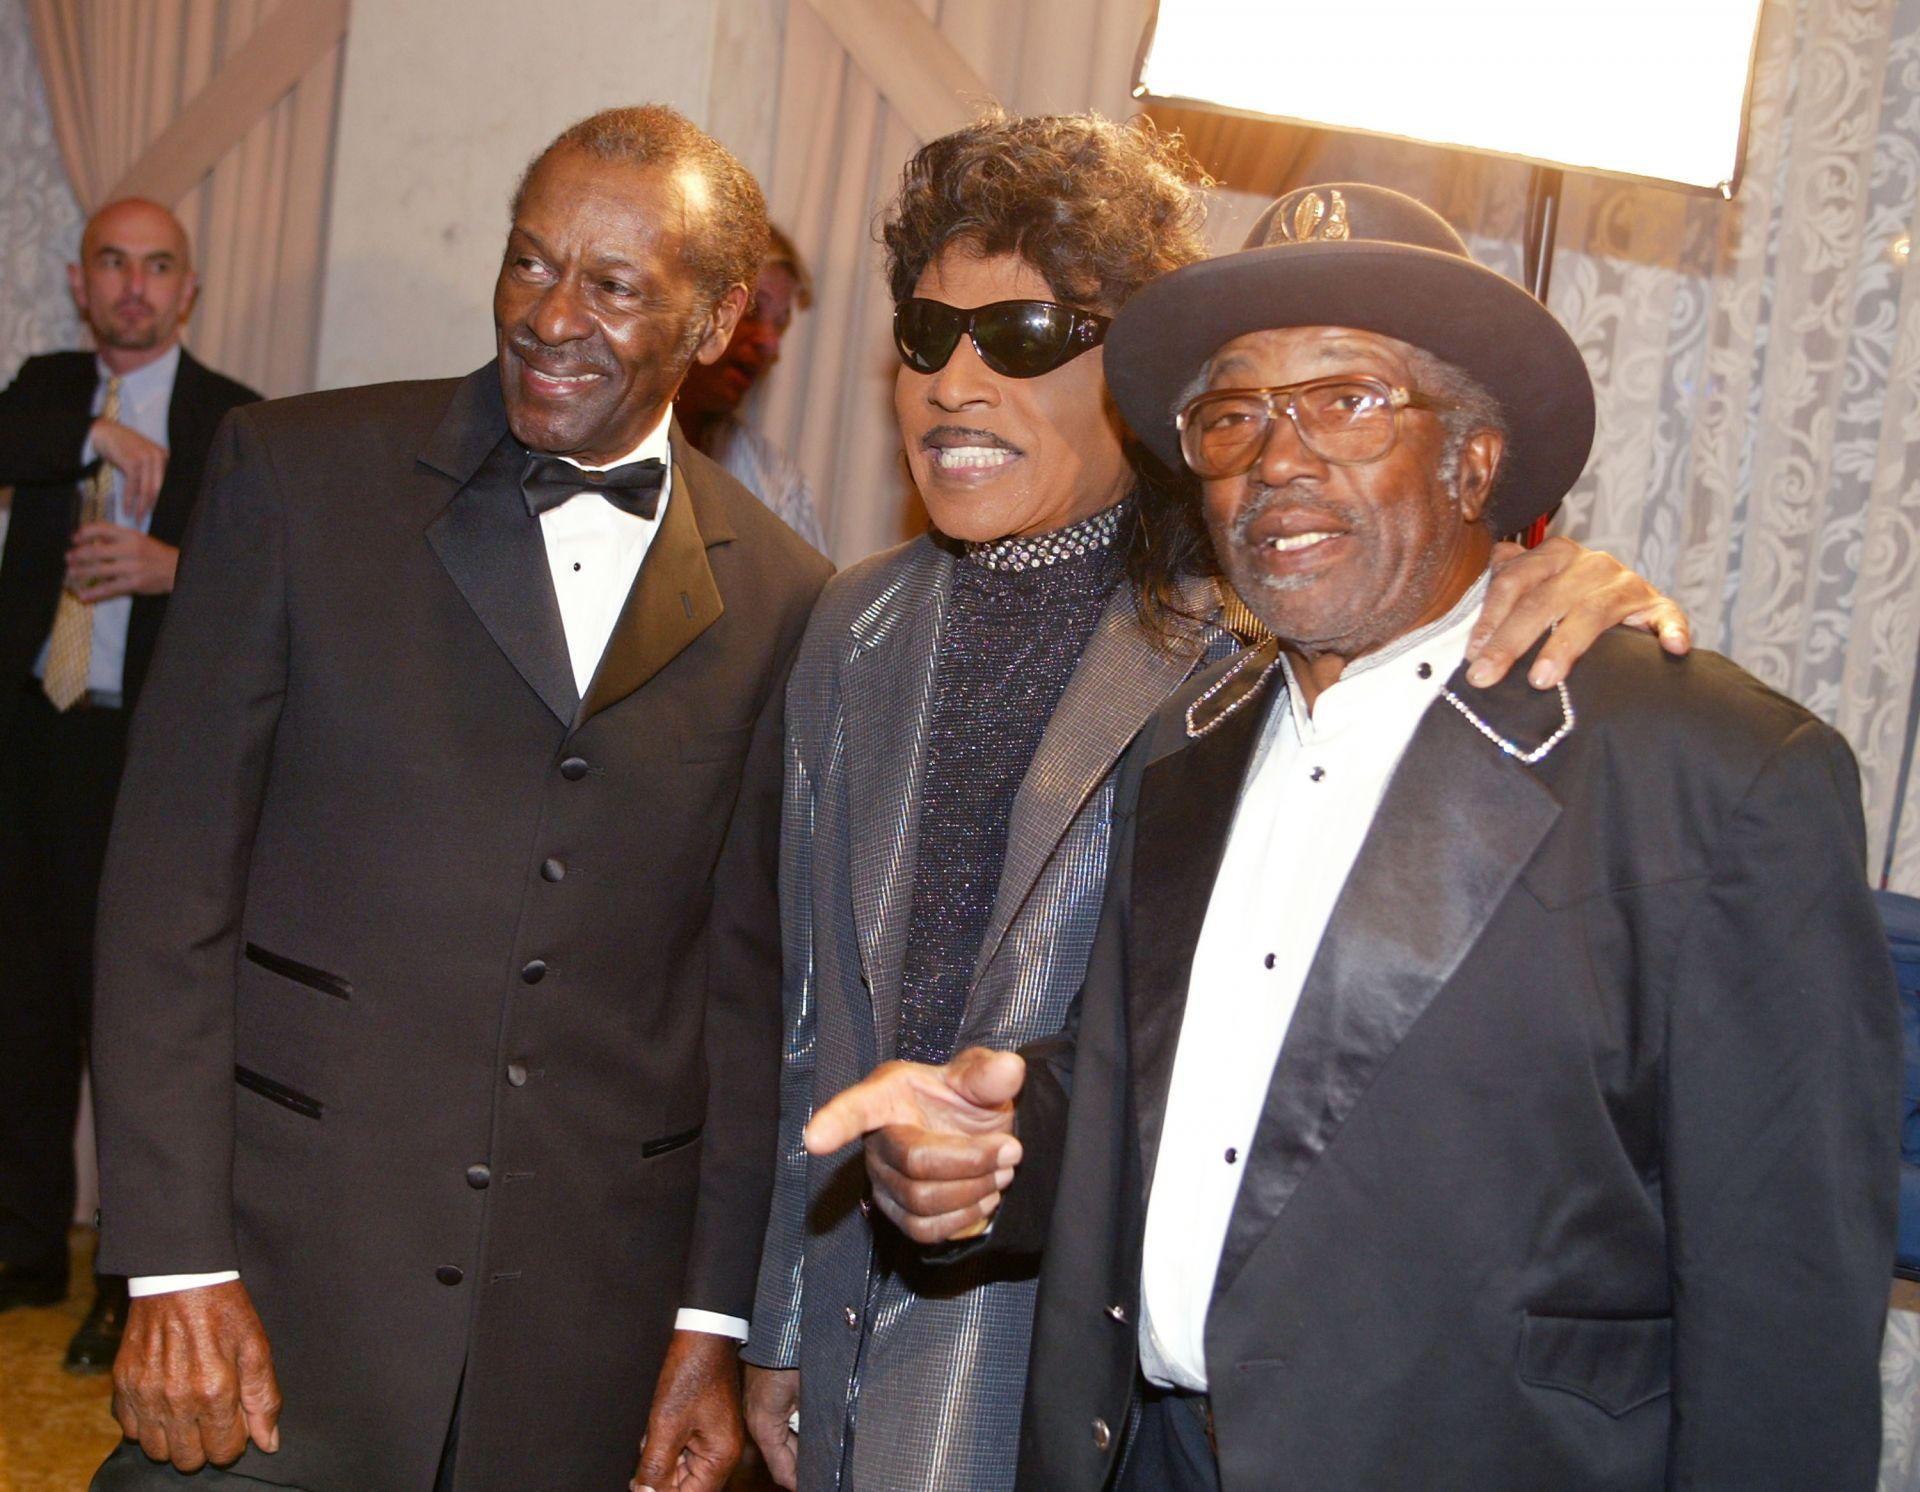 Едни от другите пионери на рокендрола - Чък Бери, Литъл Ричард и Бо Дидли